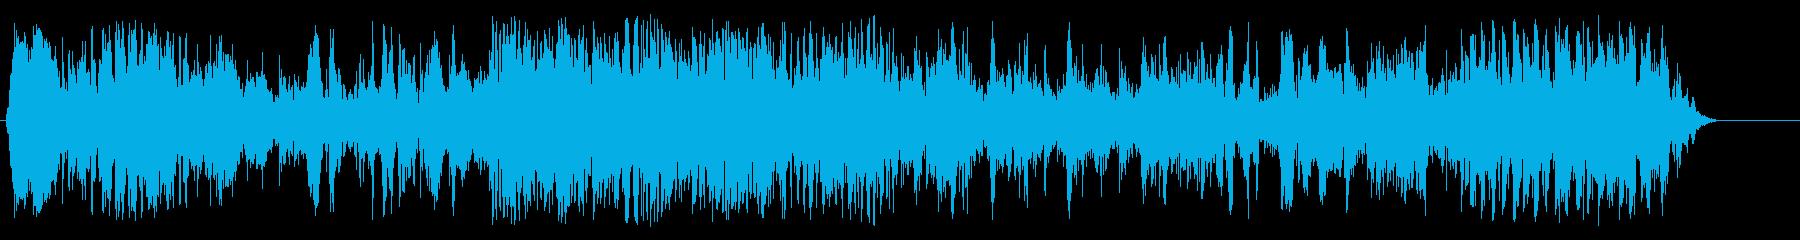 スロットマシンの再生済みの波形